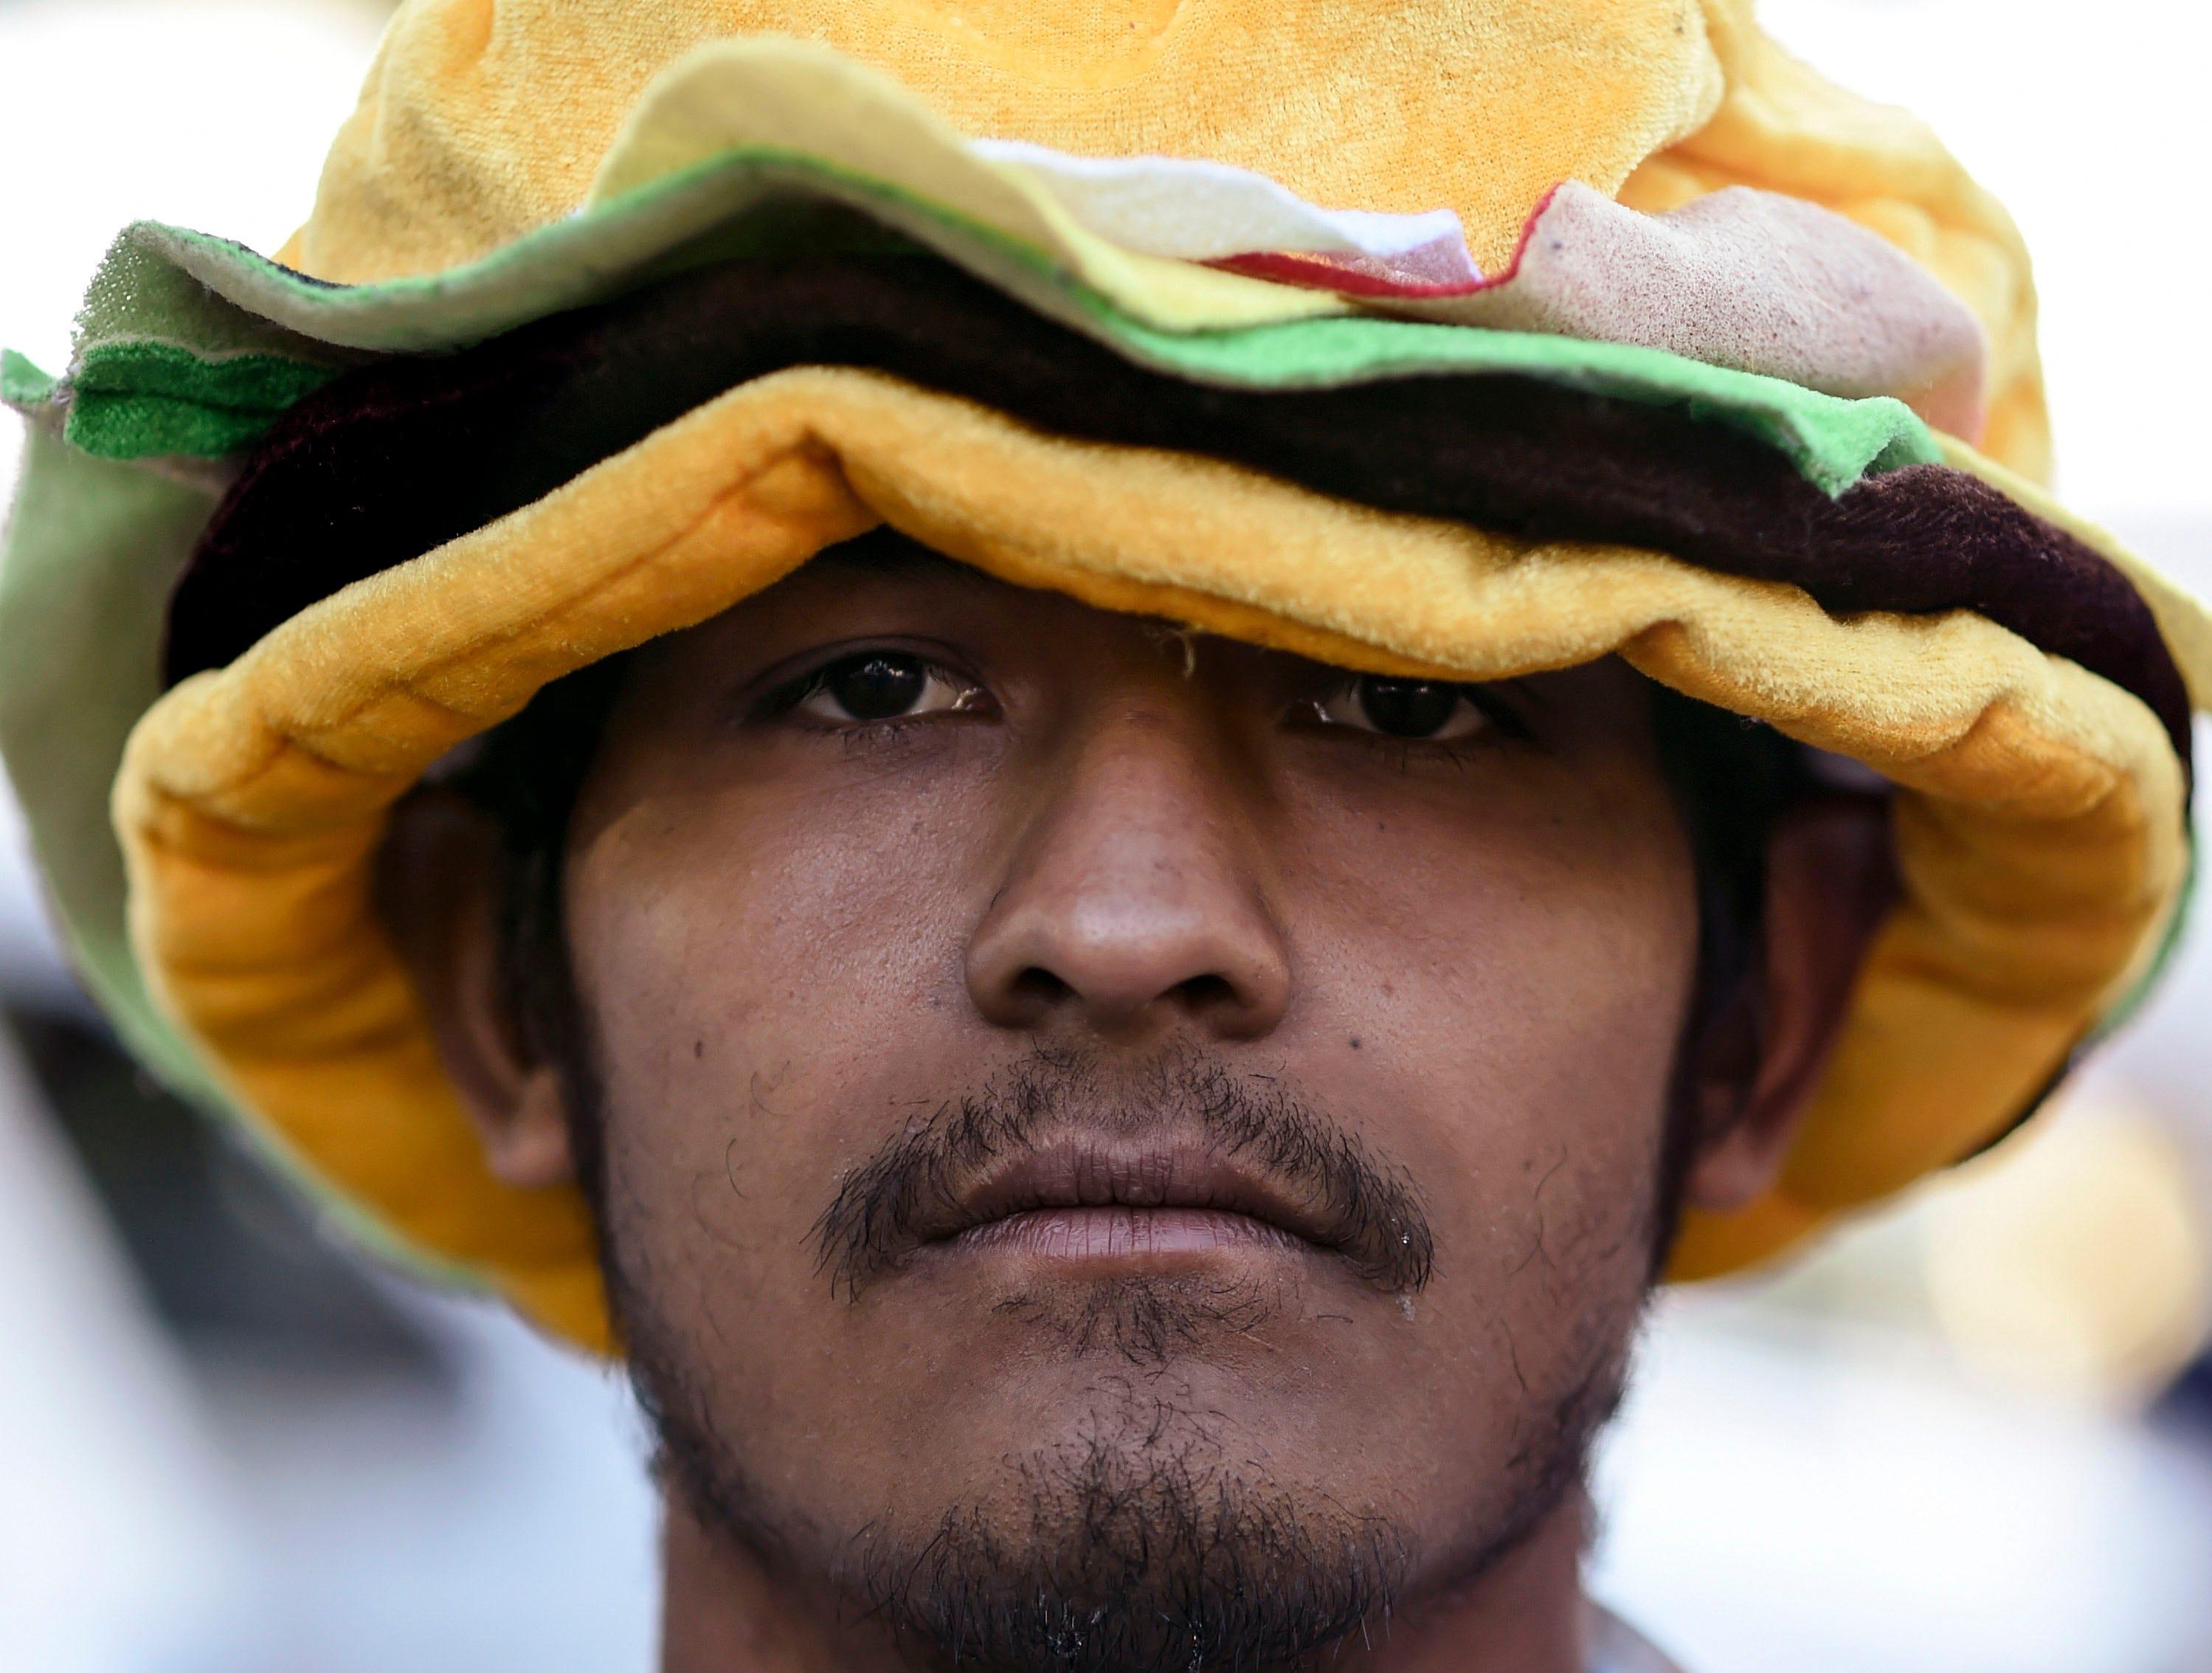 Isaac Rodríguez, 22. Estos son los rostros de los migrantes centroamericanos que huyen de la pobreza y violencia que se vive en sus países; y que por medio de una caravana caminan cientos de kilómetros cruzando ciudades, ríos, carreteras, bosques y fronteras, con el firme propósito de hacer realidad su sueño de llegar a los Estados Unidos.